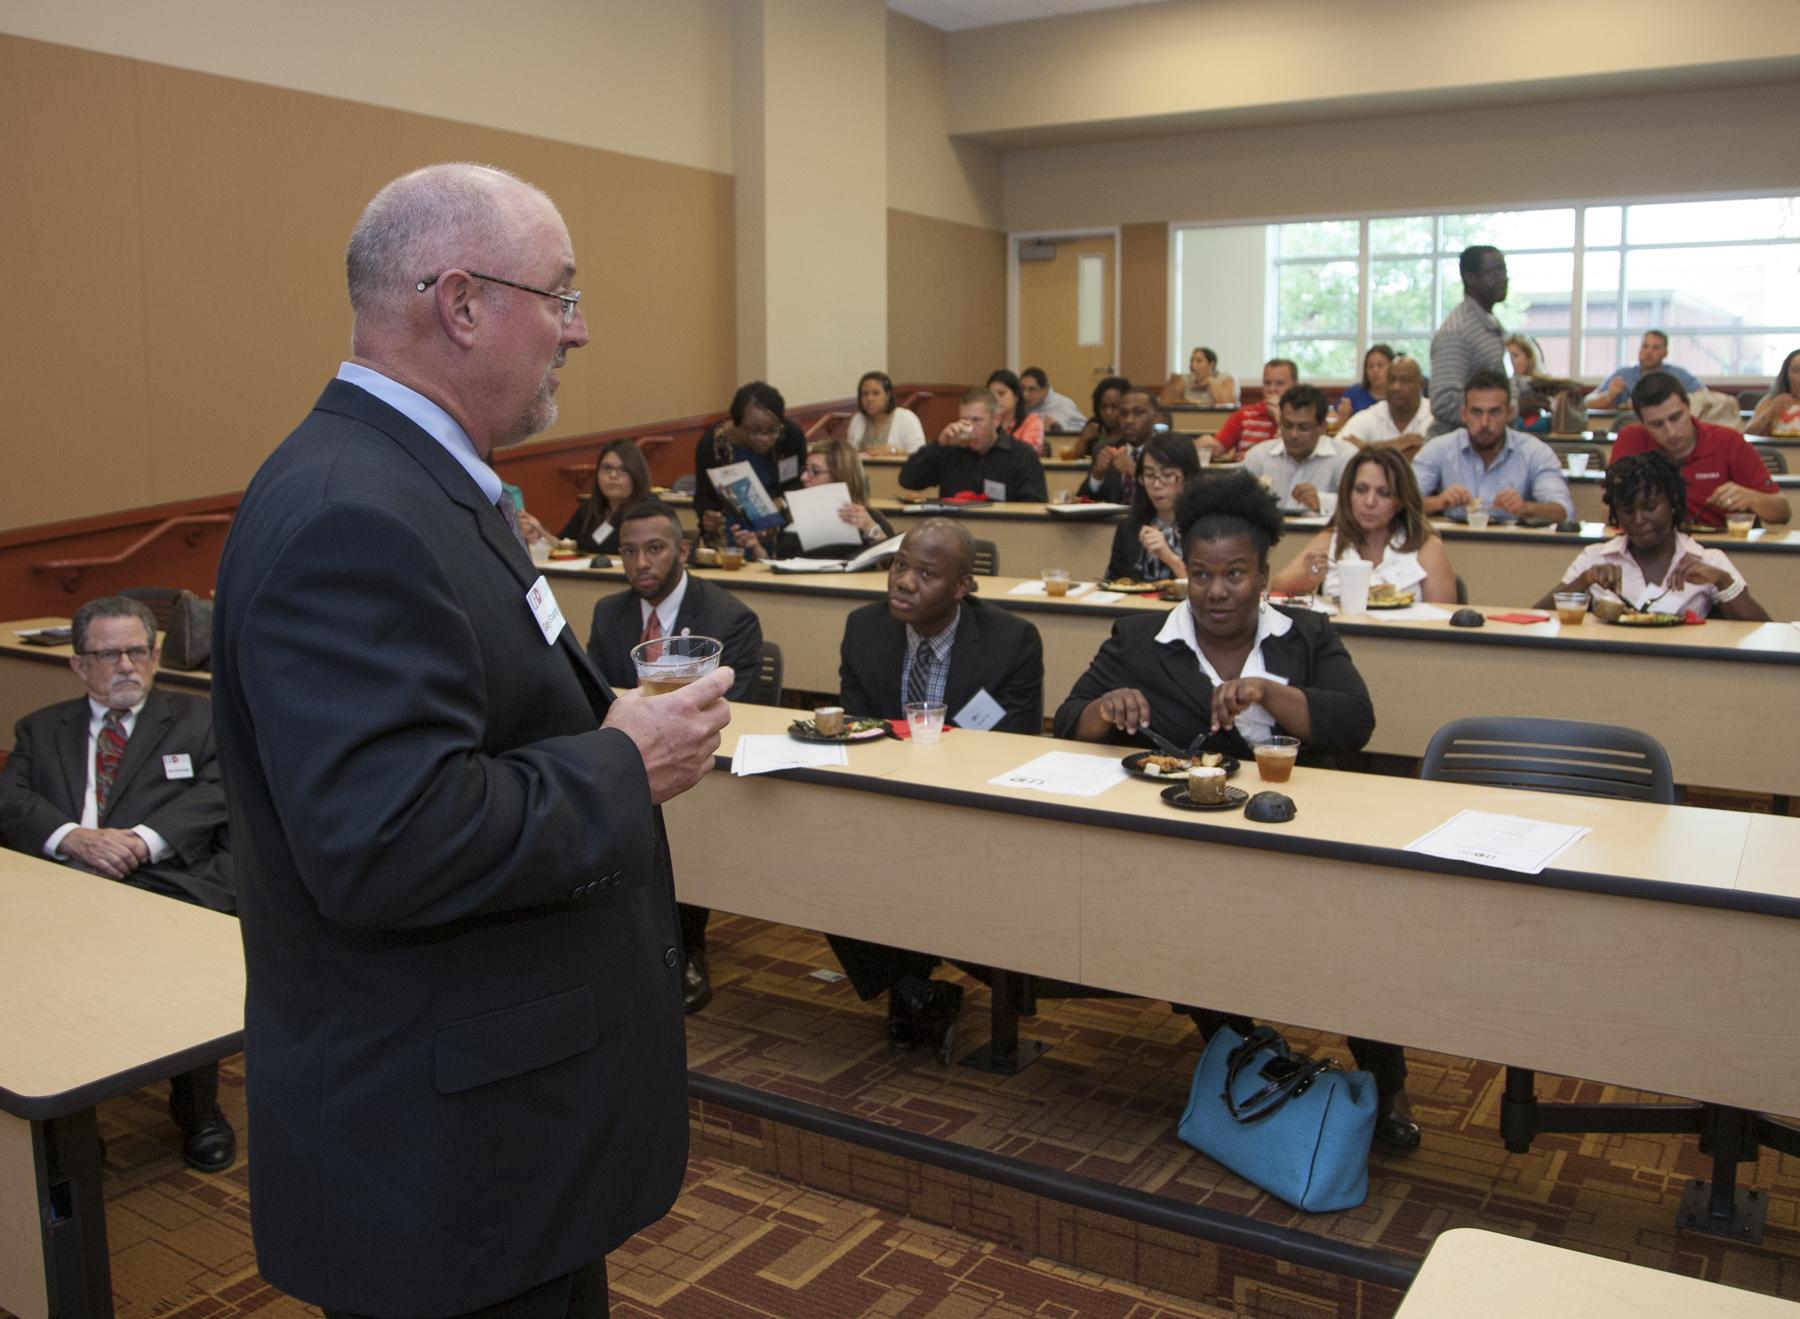 UHD-MBA orientation